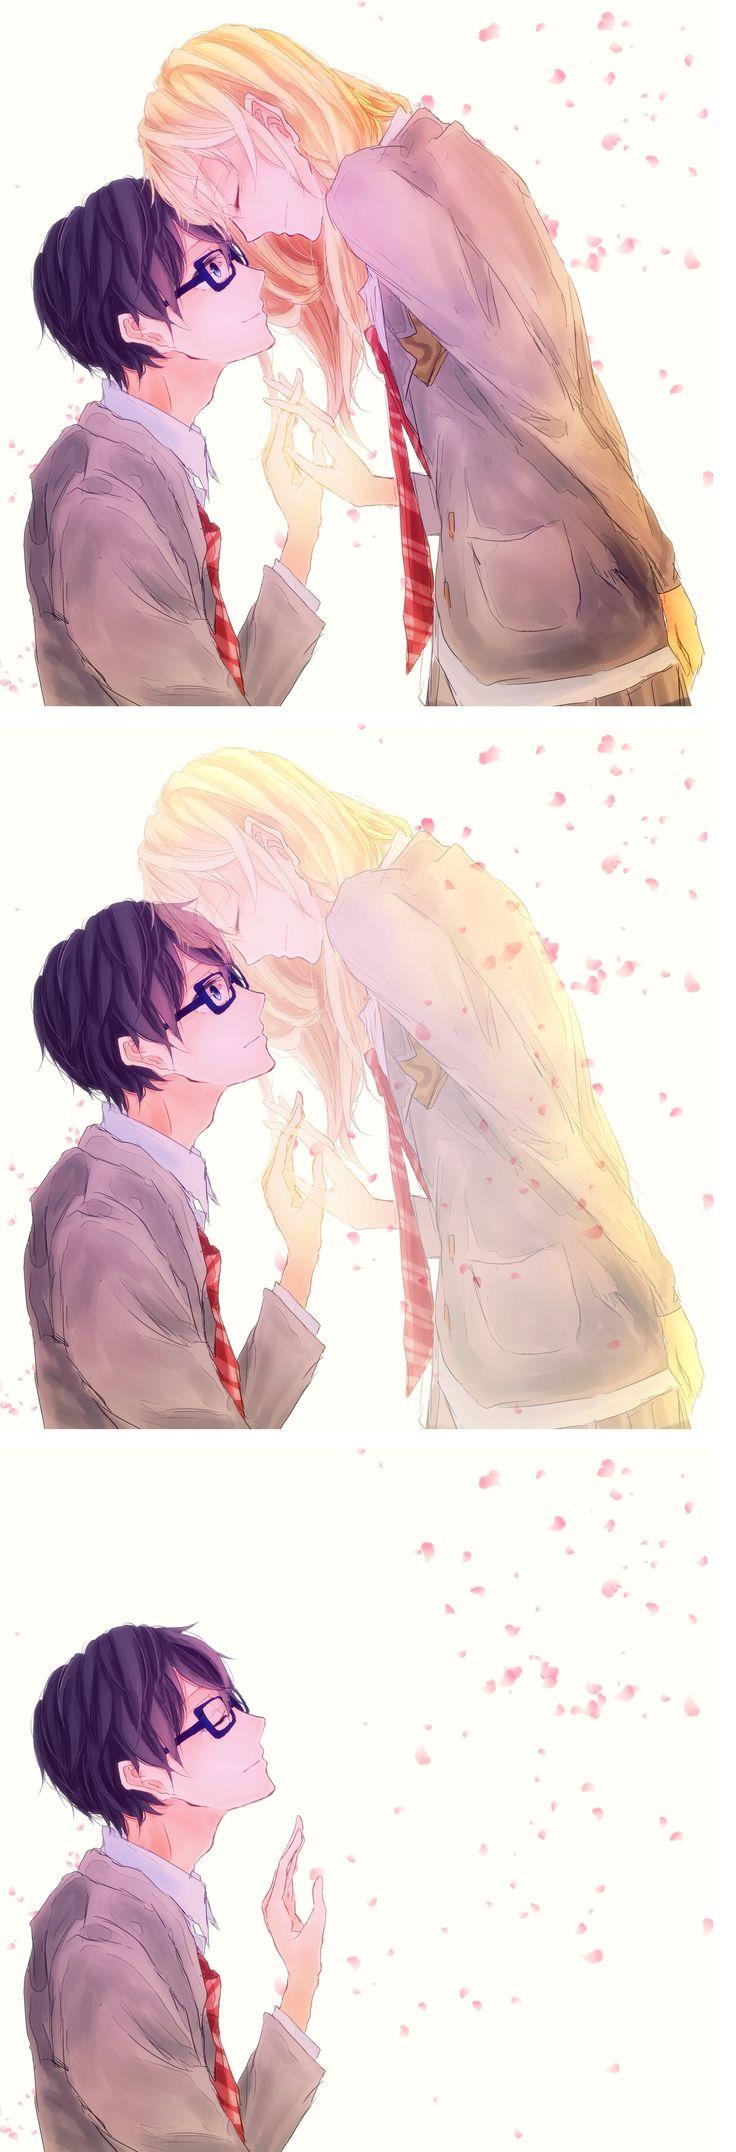 Shigatsu wa kimi no uso, Your Lie in April, Kaori, Kousei... conoces a alguien, te enamoras, pero no logran estar juntos...